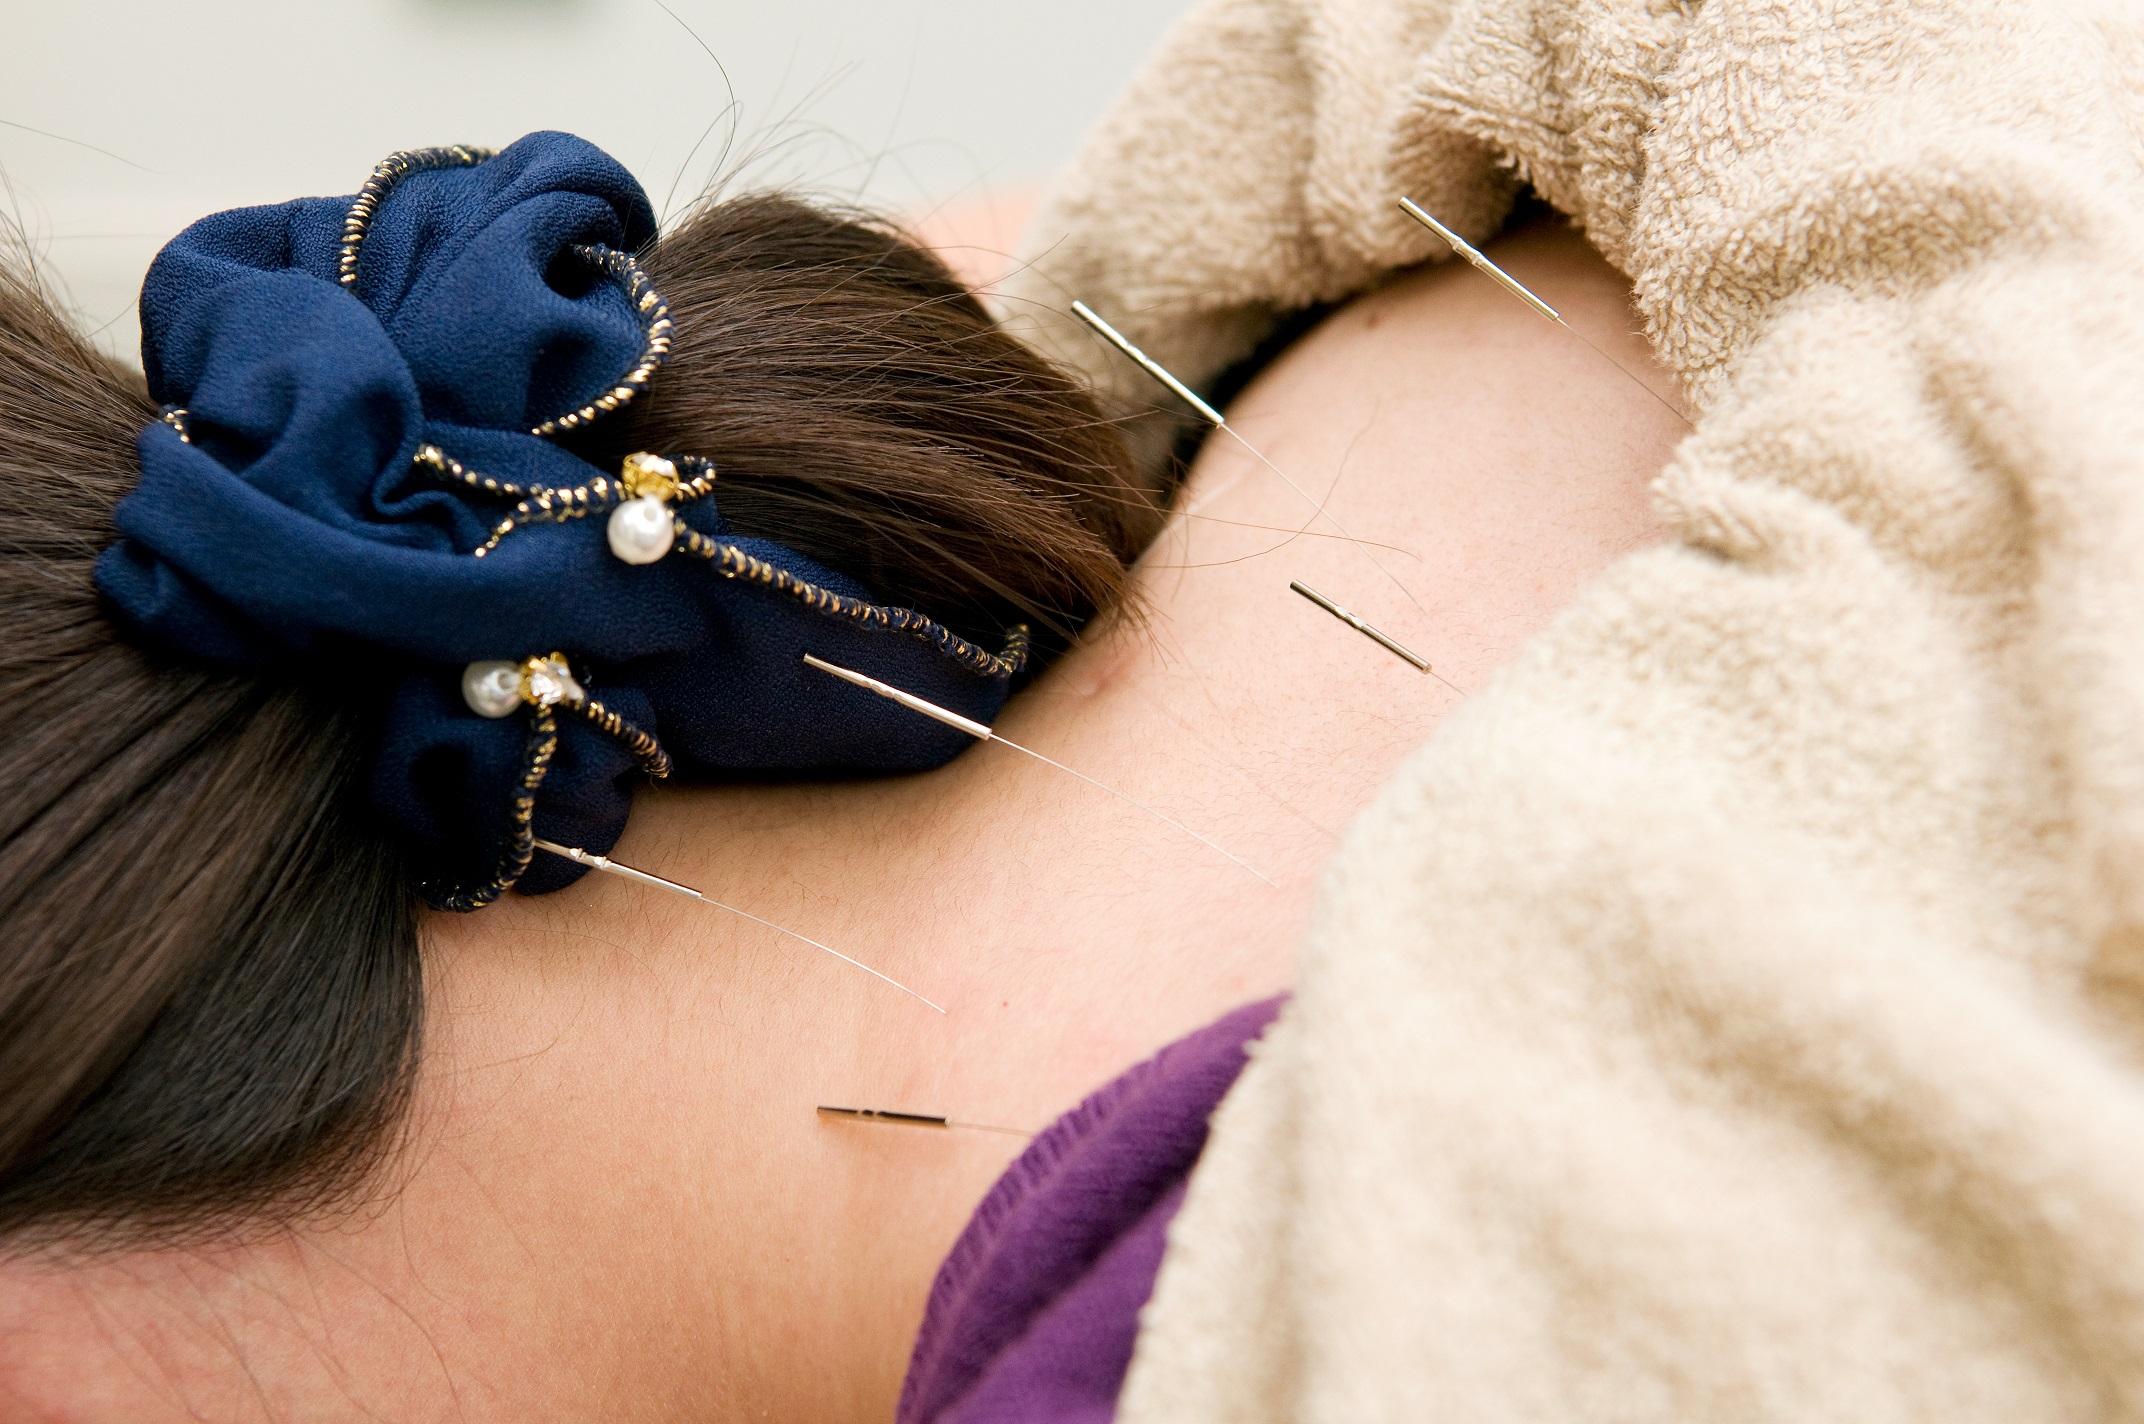 肩こり治療 の種類とそれぞれの特徴